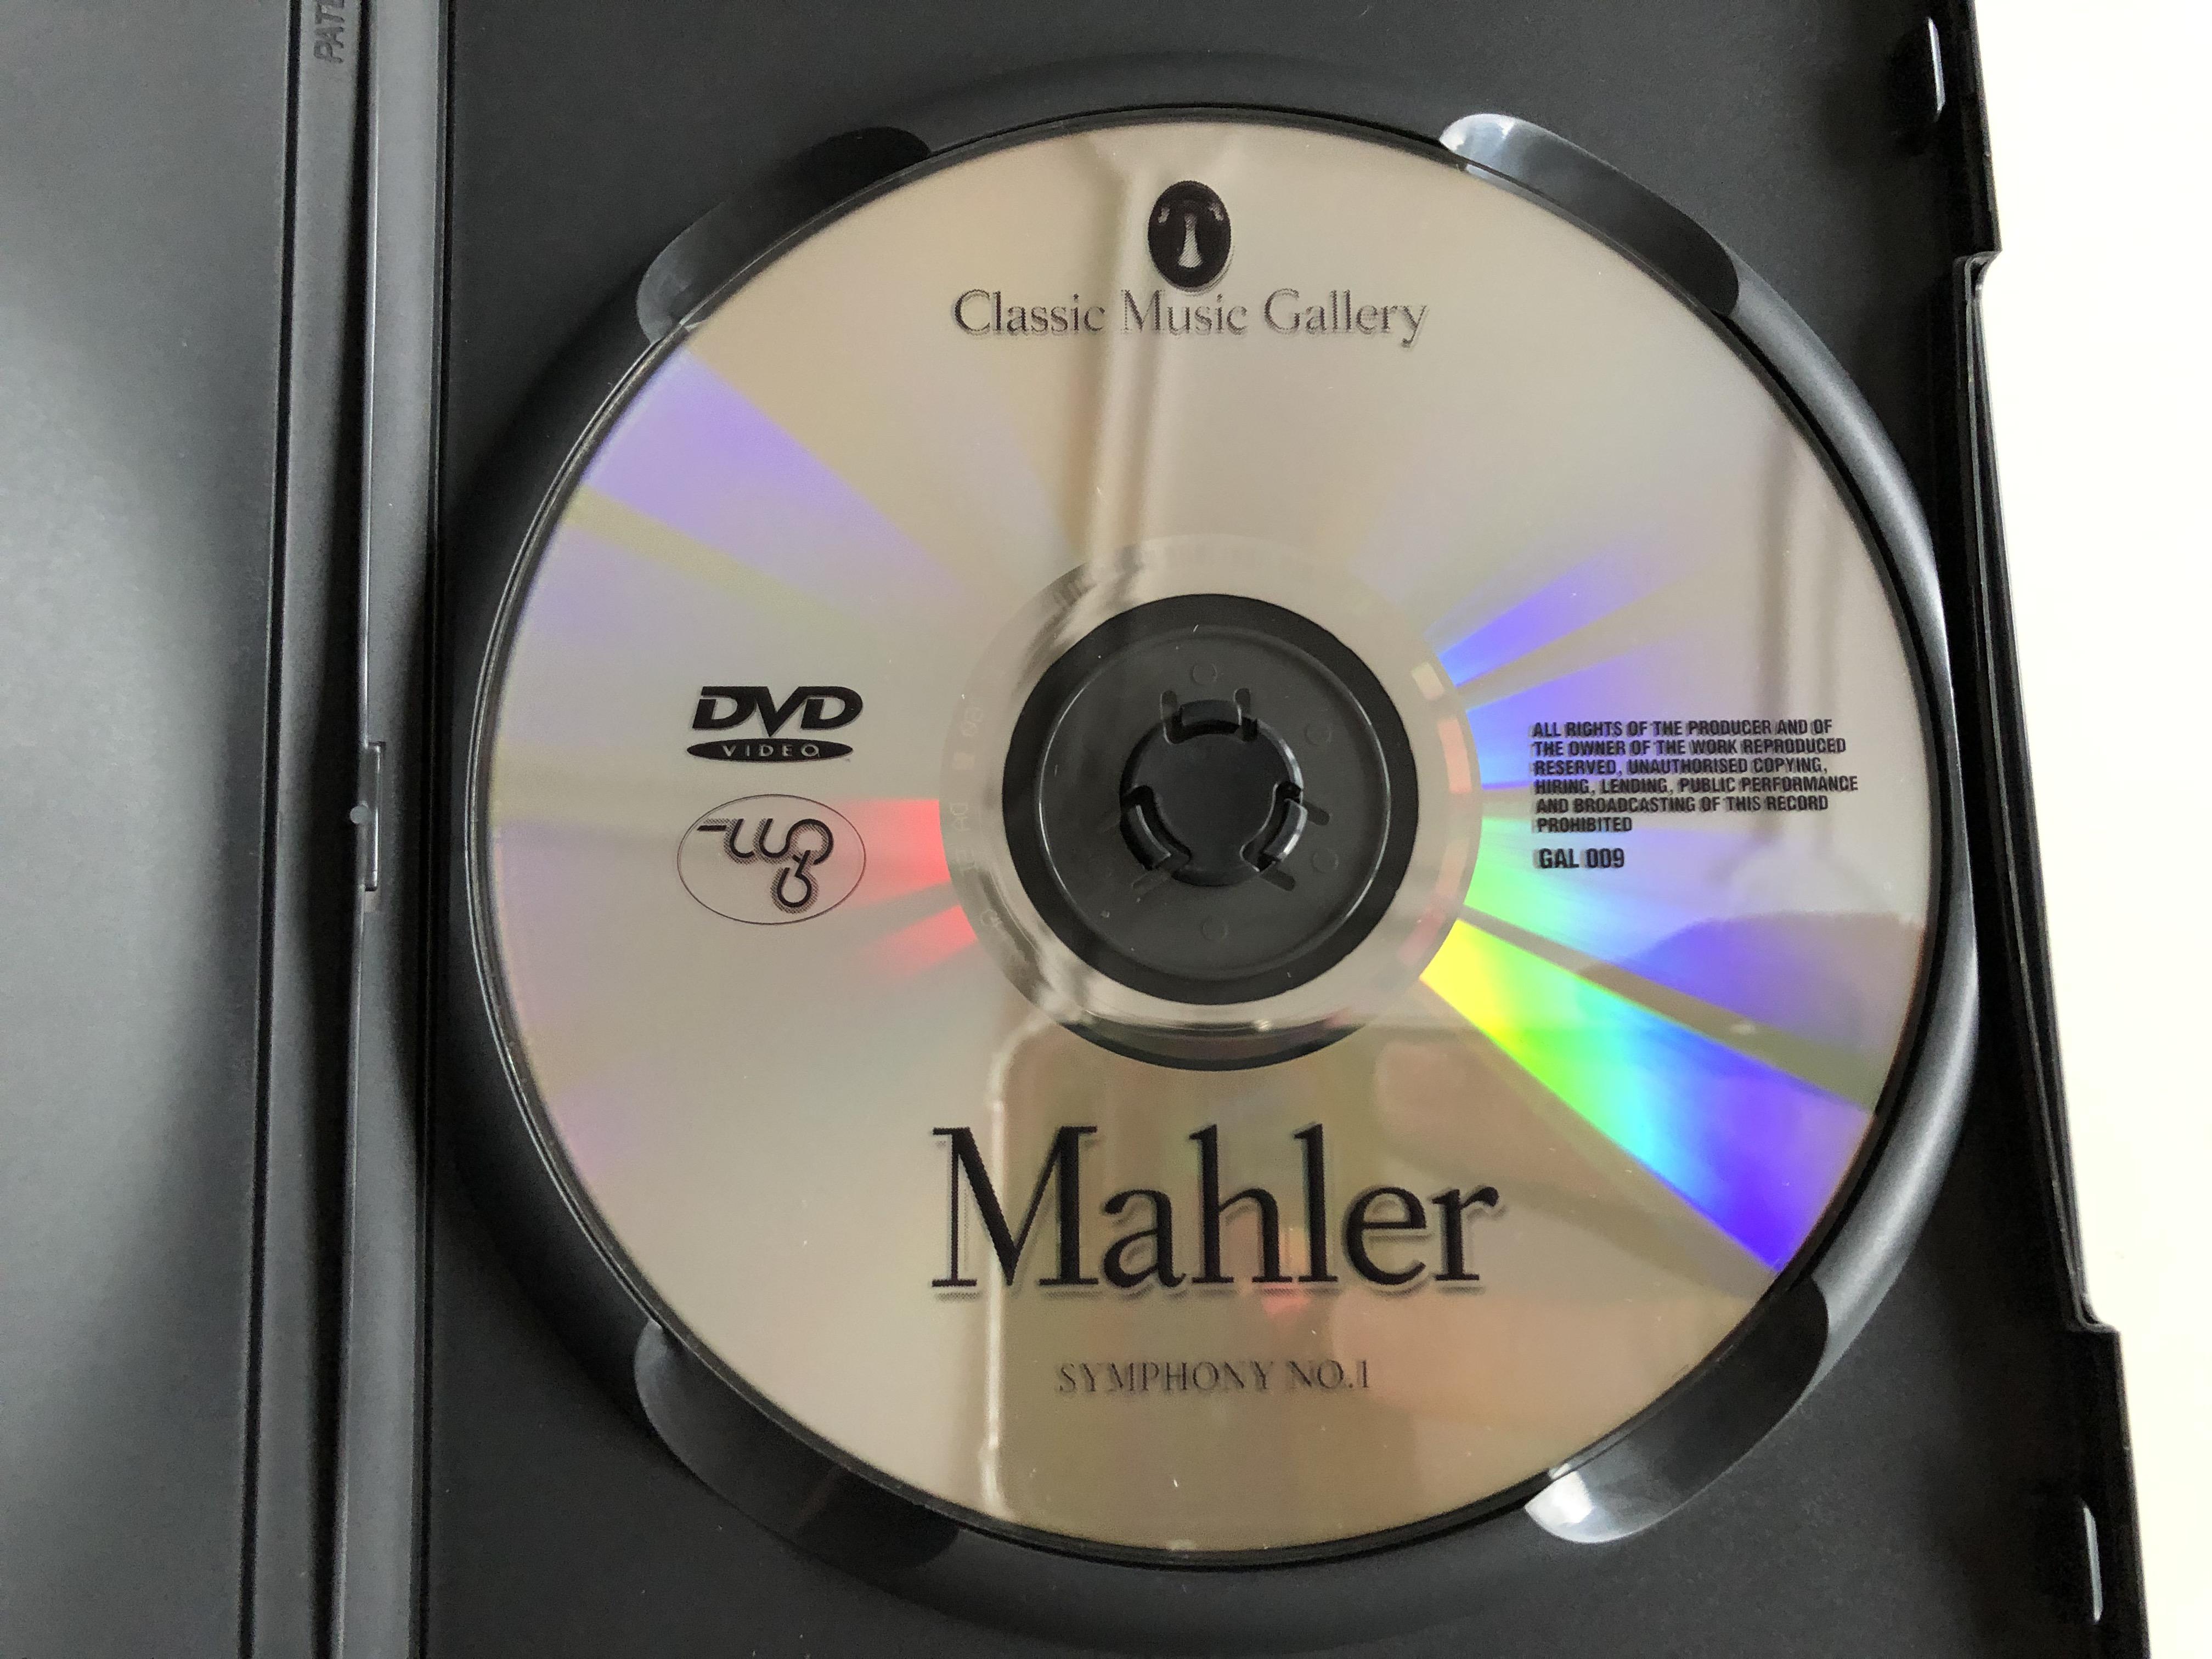 mahler-symphony-no.-1-dvd-classic-music-gallery-ljubljana-symphony-orchestra-2.jpg